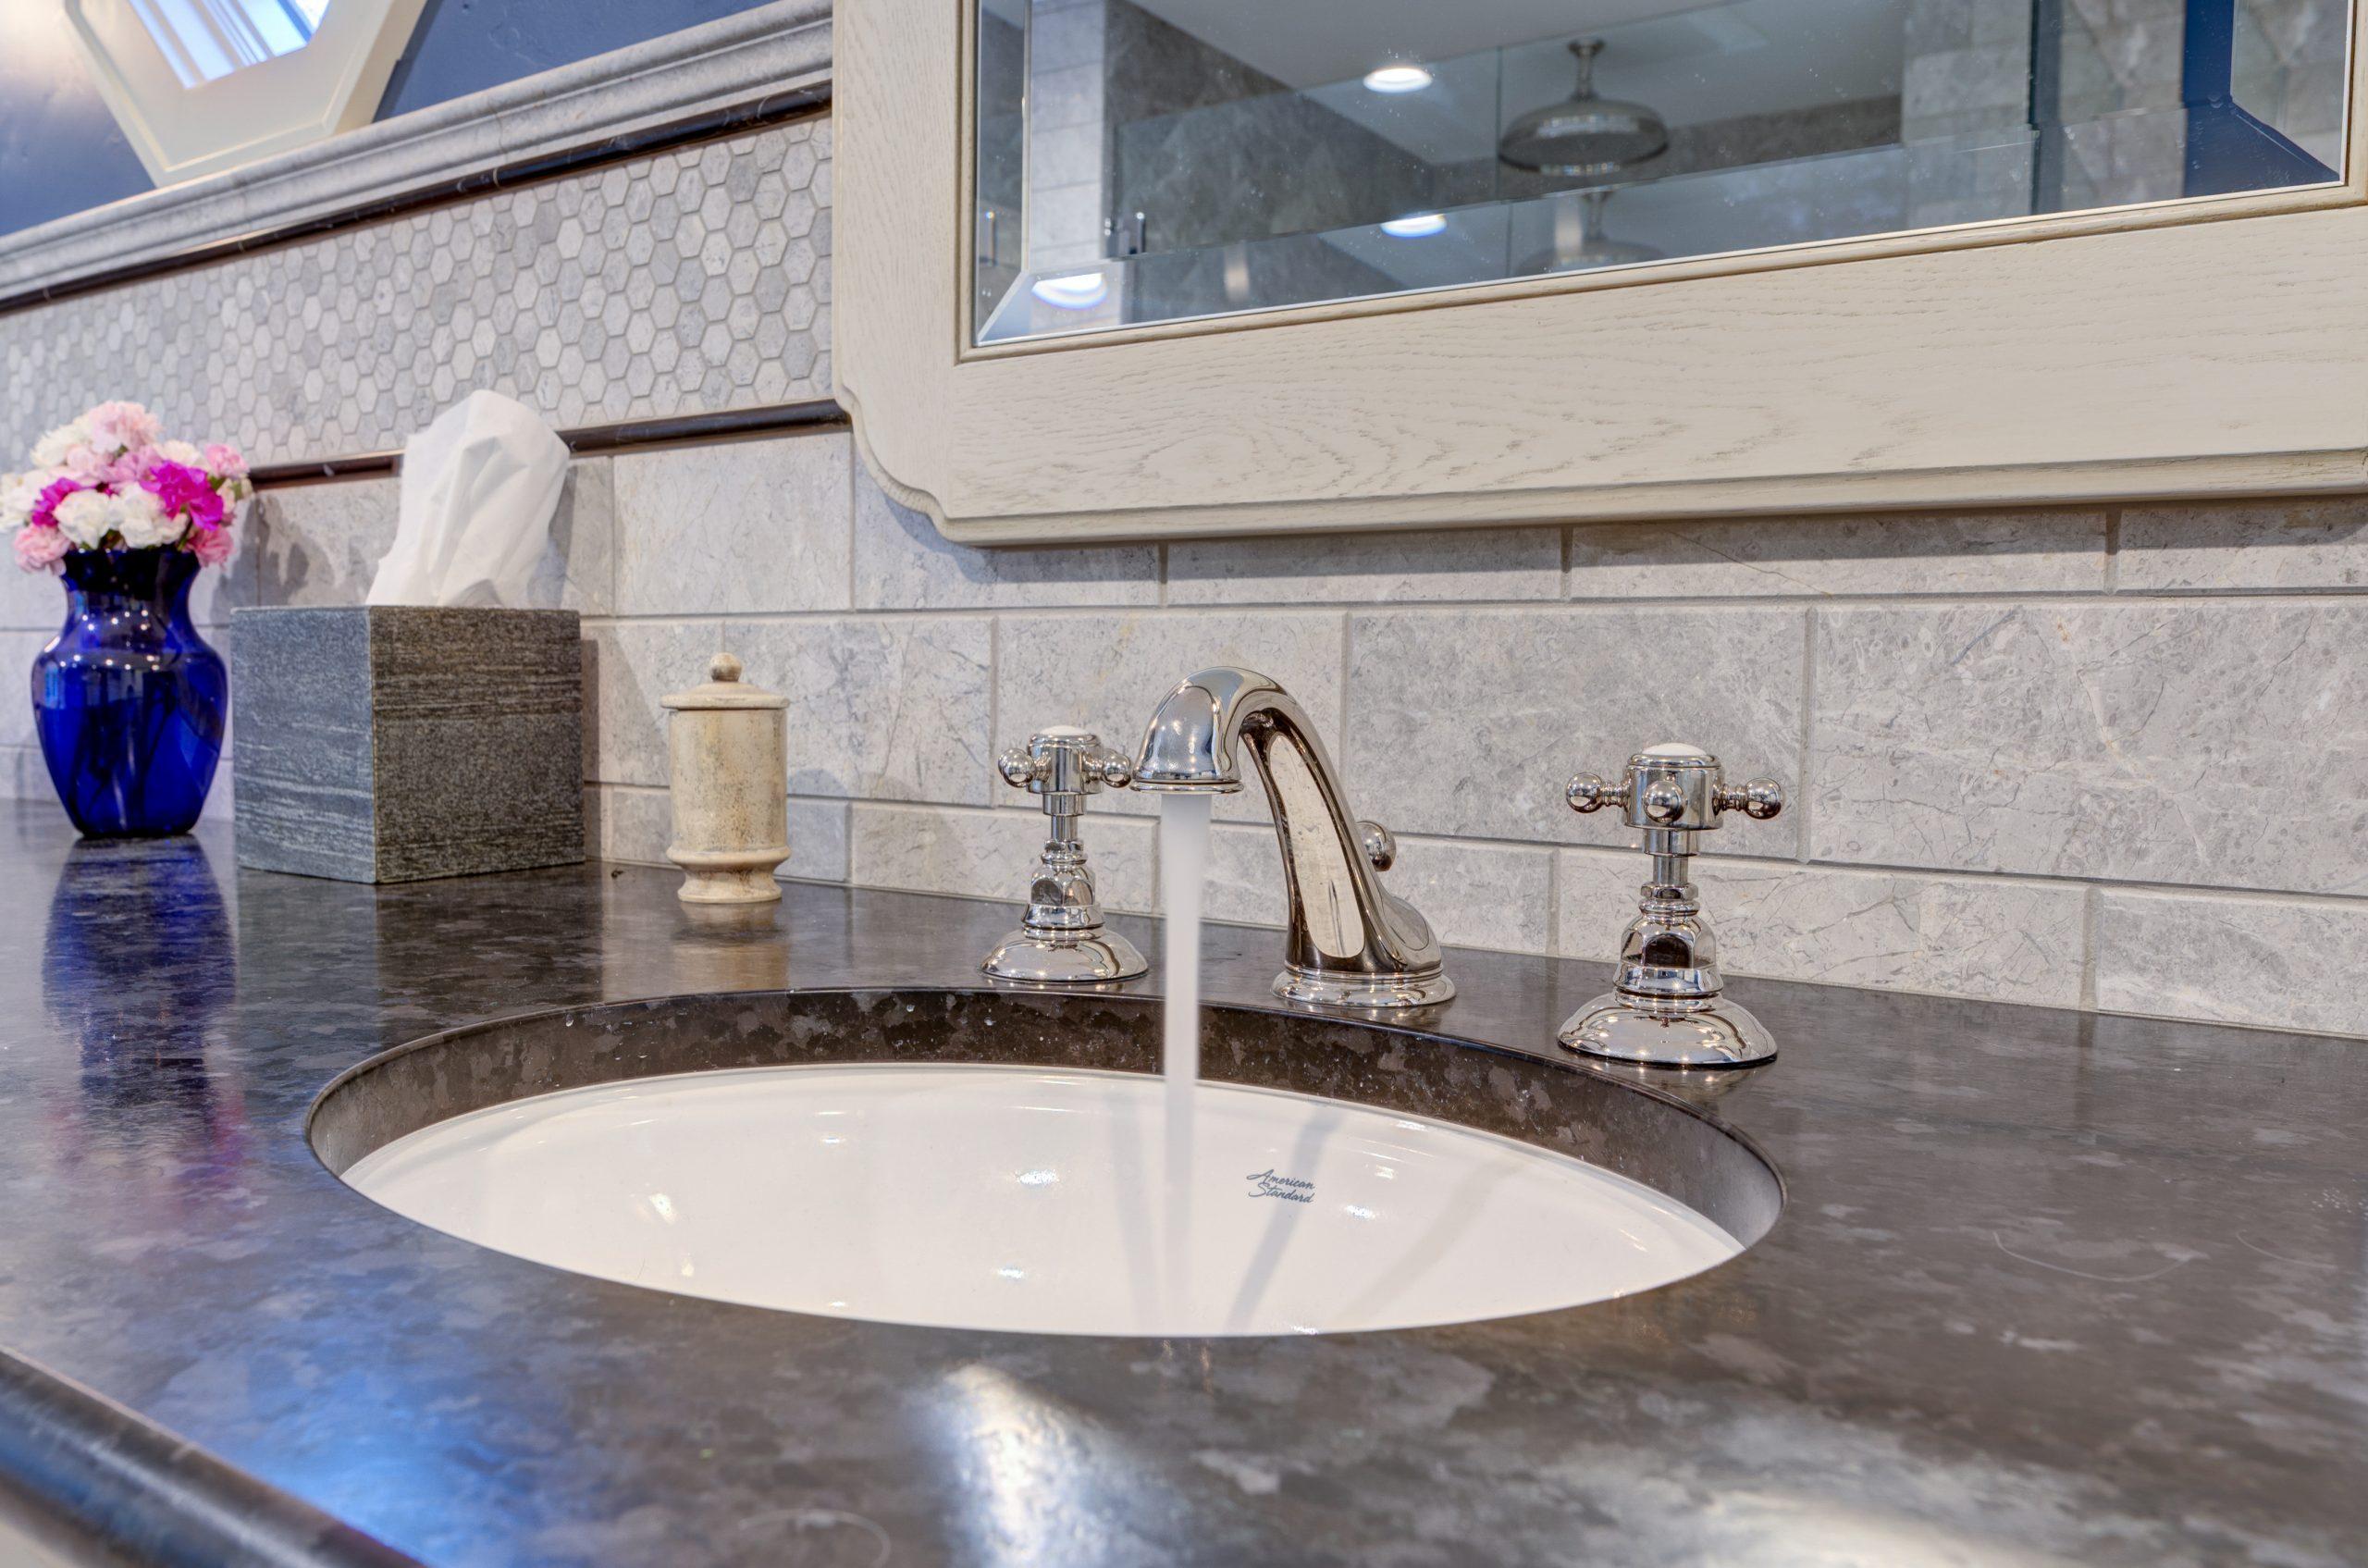 bend-drake-bathroom-remodel